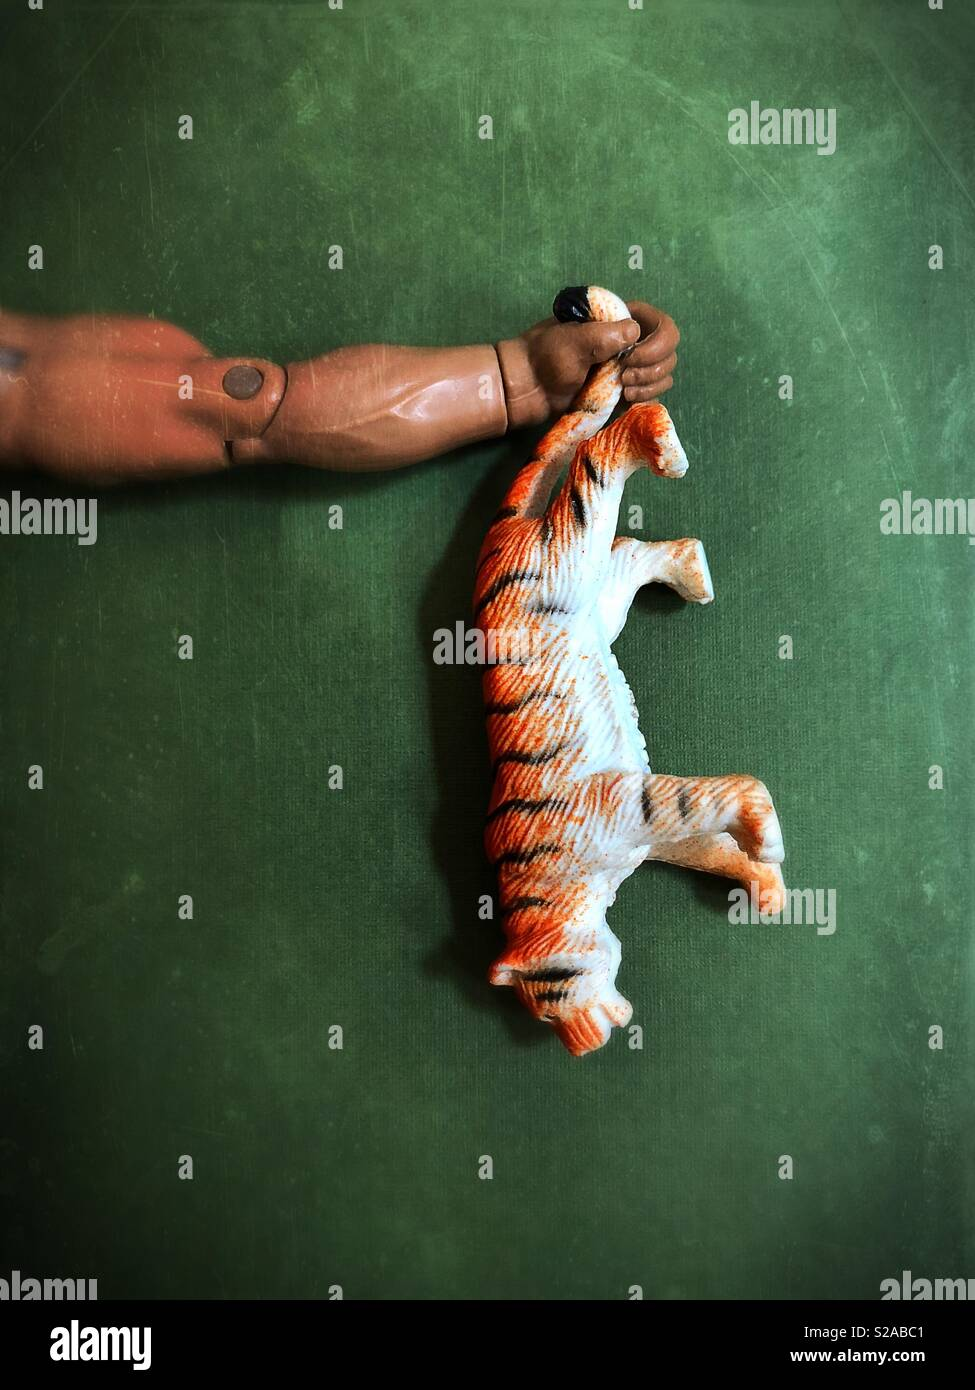 Konzeptionelle: Tiger am Schwanz. Stockbild